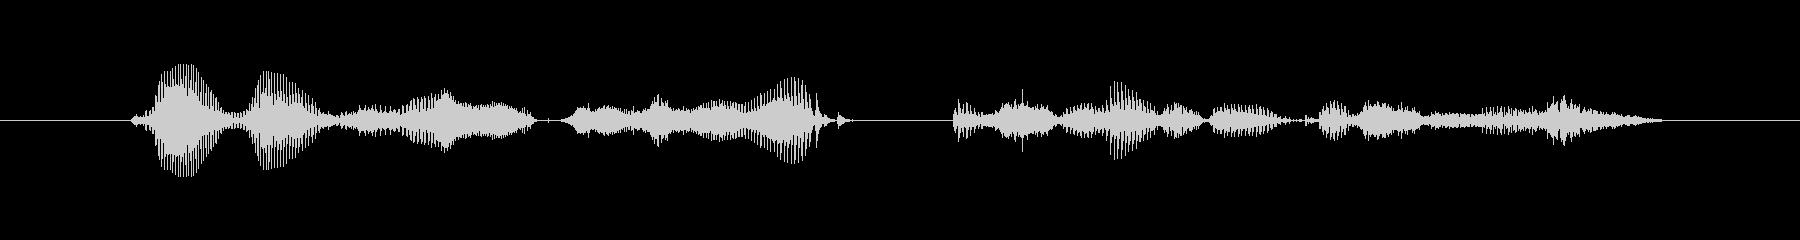 【時報・時間】午後11時を、お知らせい…の未再生の波形